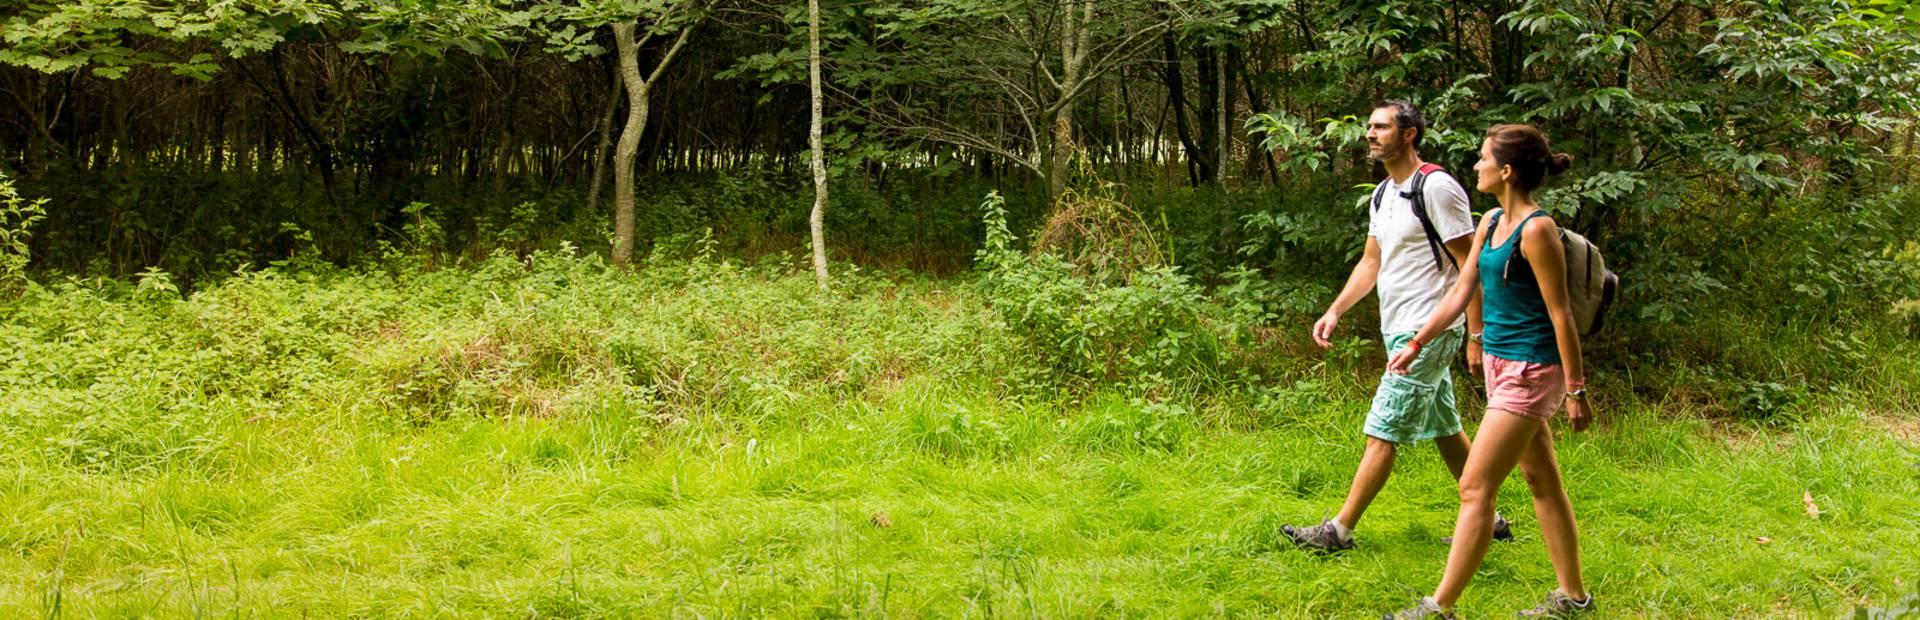 Parcourir la nature en amoureux en Pays Bigouden @ Y Derennes